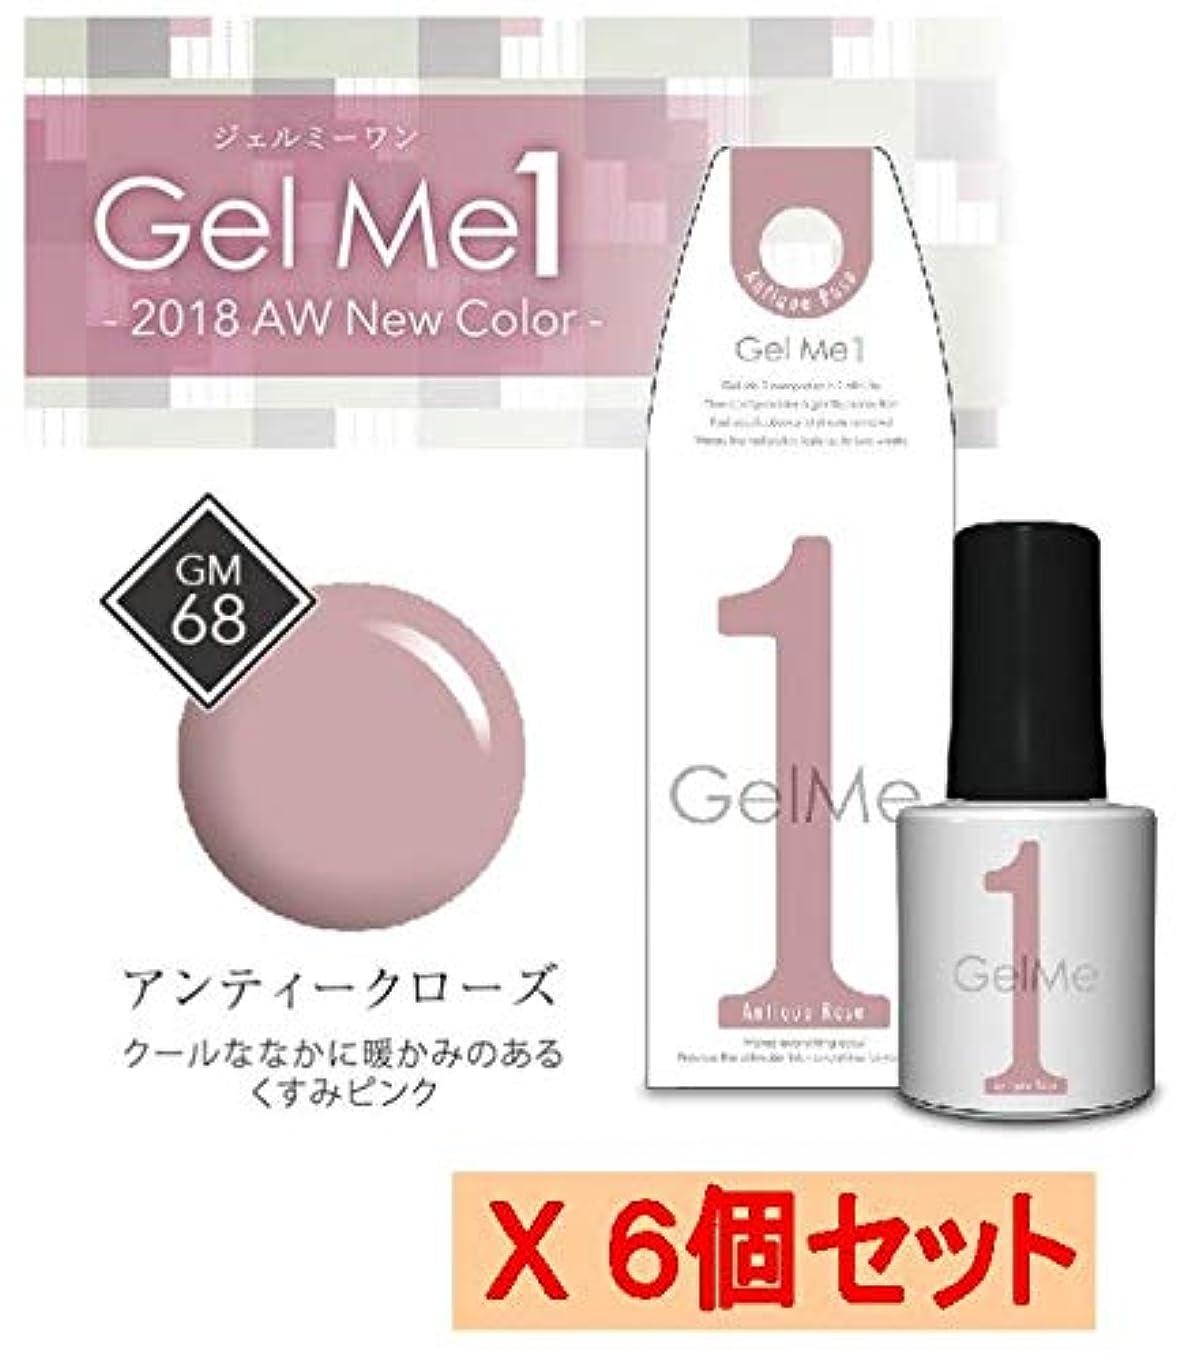 非アクティブウイルス神社ジェルミーワン[GelMe1] GM-68 アンティークローズ 【セルフ ジェルネイル ジェル】 X6個セット